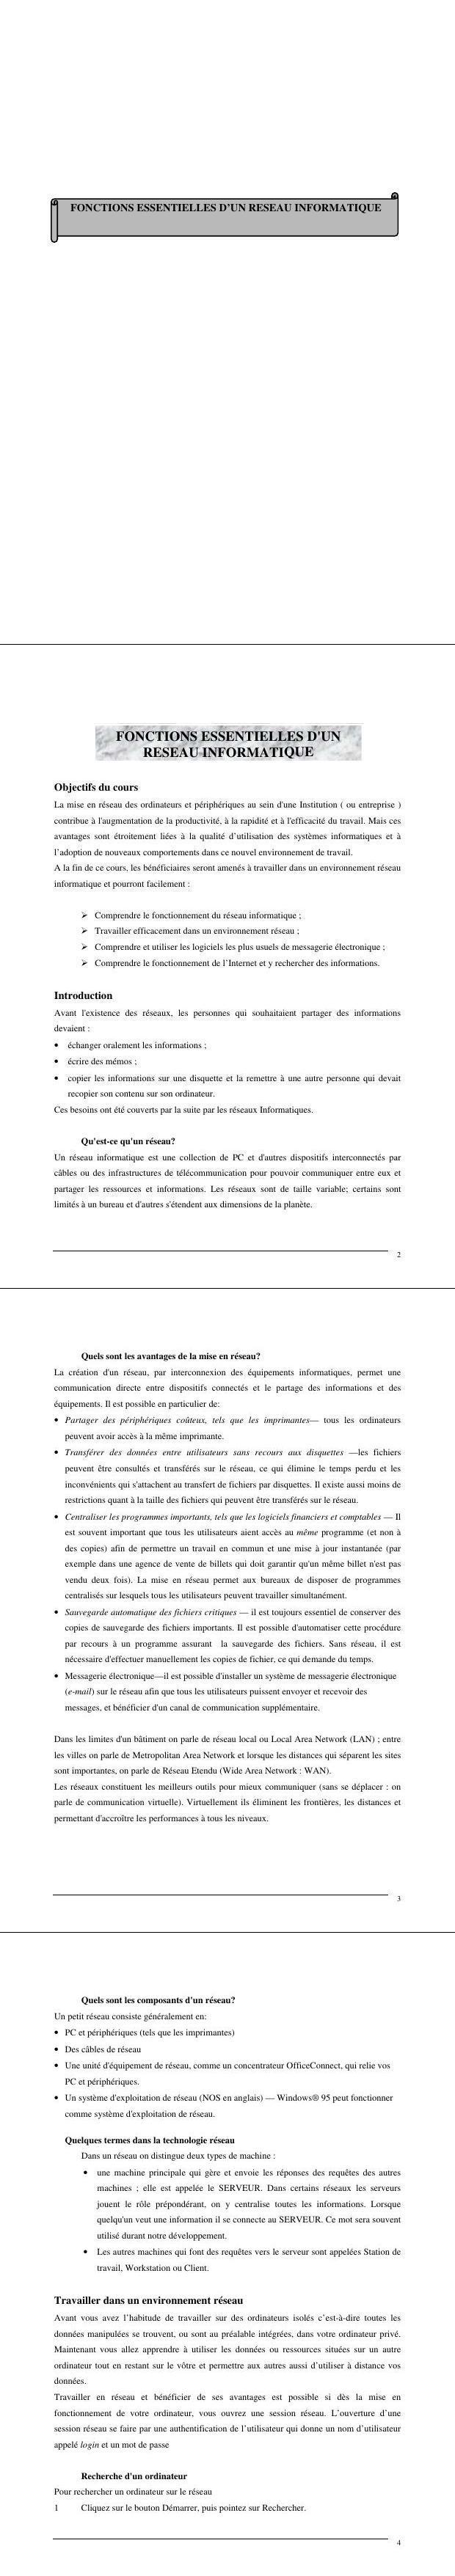 Pdf Fonctions Essentielles D Un Réseau Informatique Cours